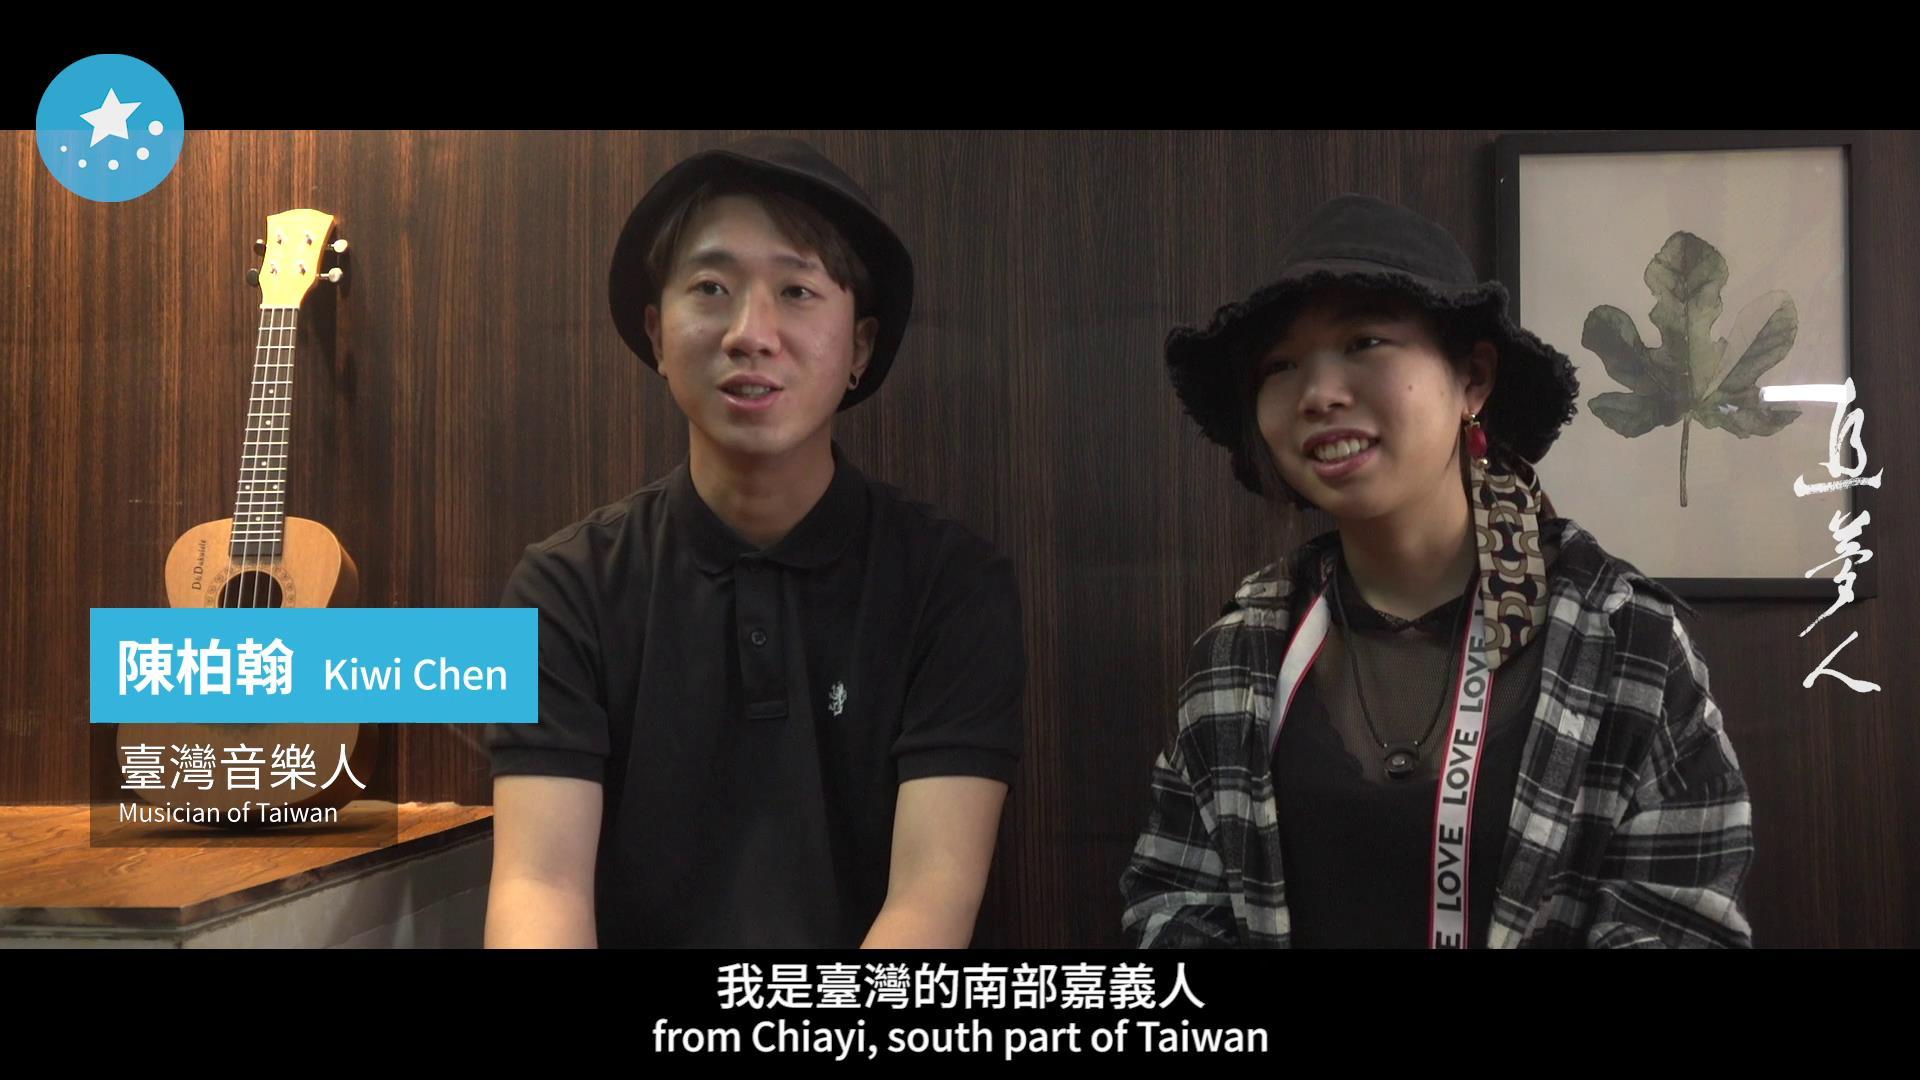 曾任徐佳莹暖场歌手,台湾小情侣大陆三线城市教音乐图片